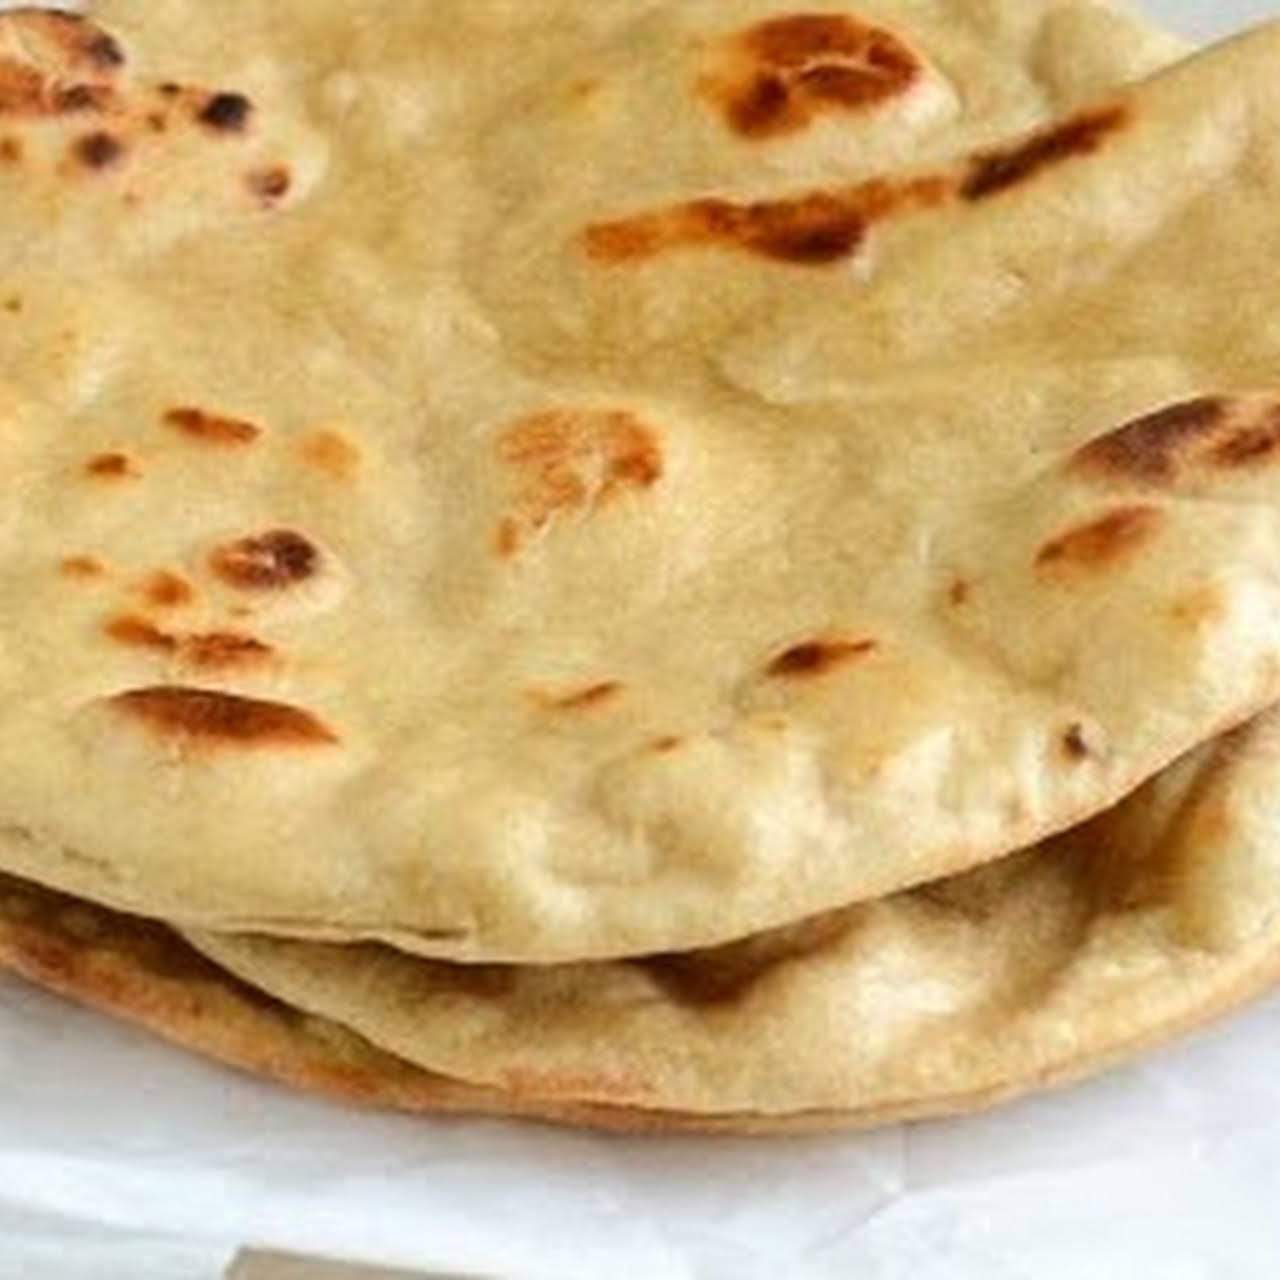 Tandoori Roti / Tandoori Roti Recipe In oven / Baked Tandoori Roti